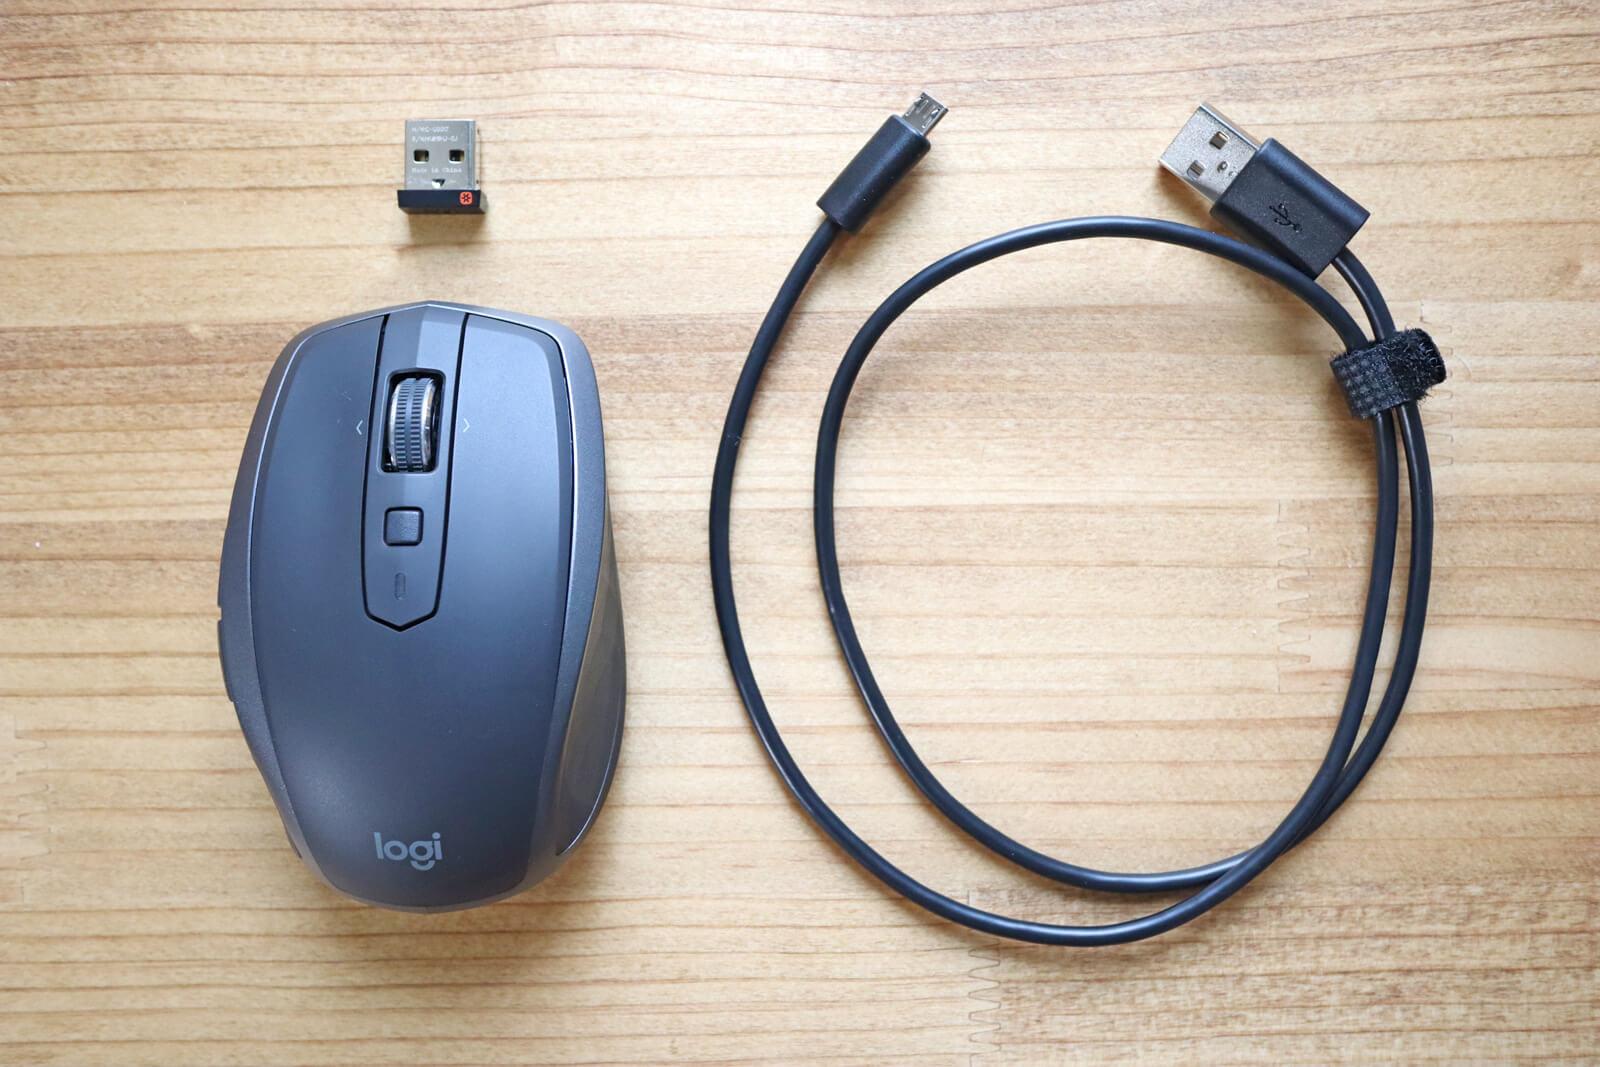 中身はマウス本体、レシーバー、充電用USBケーブル